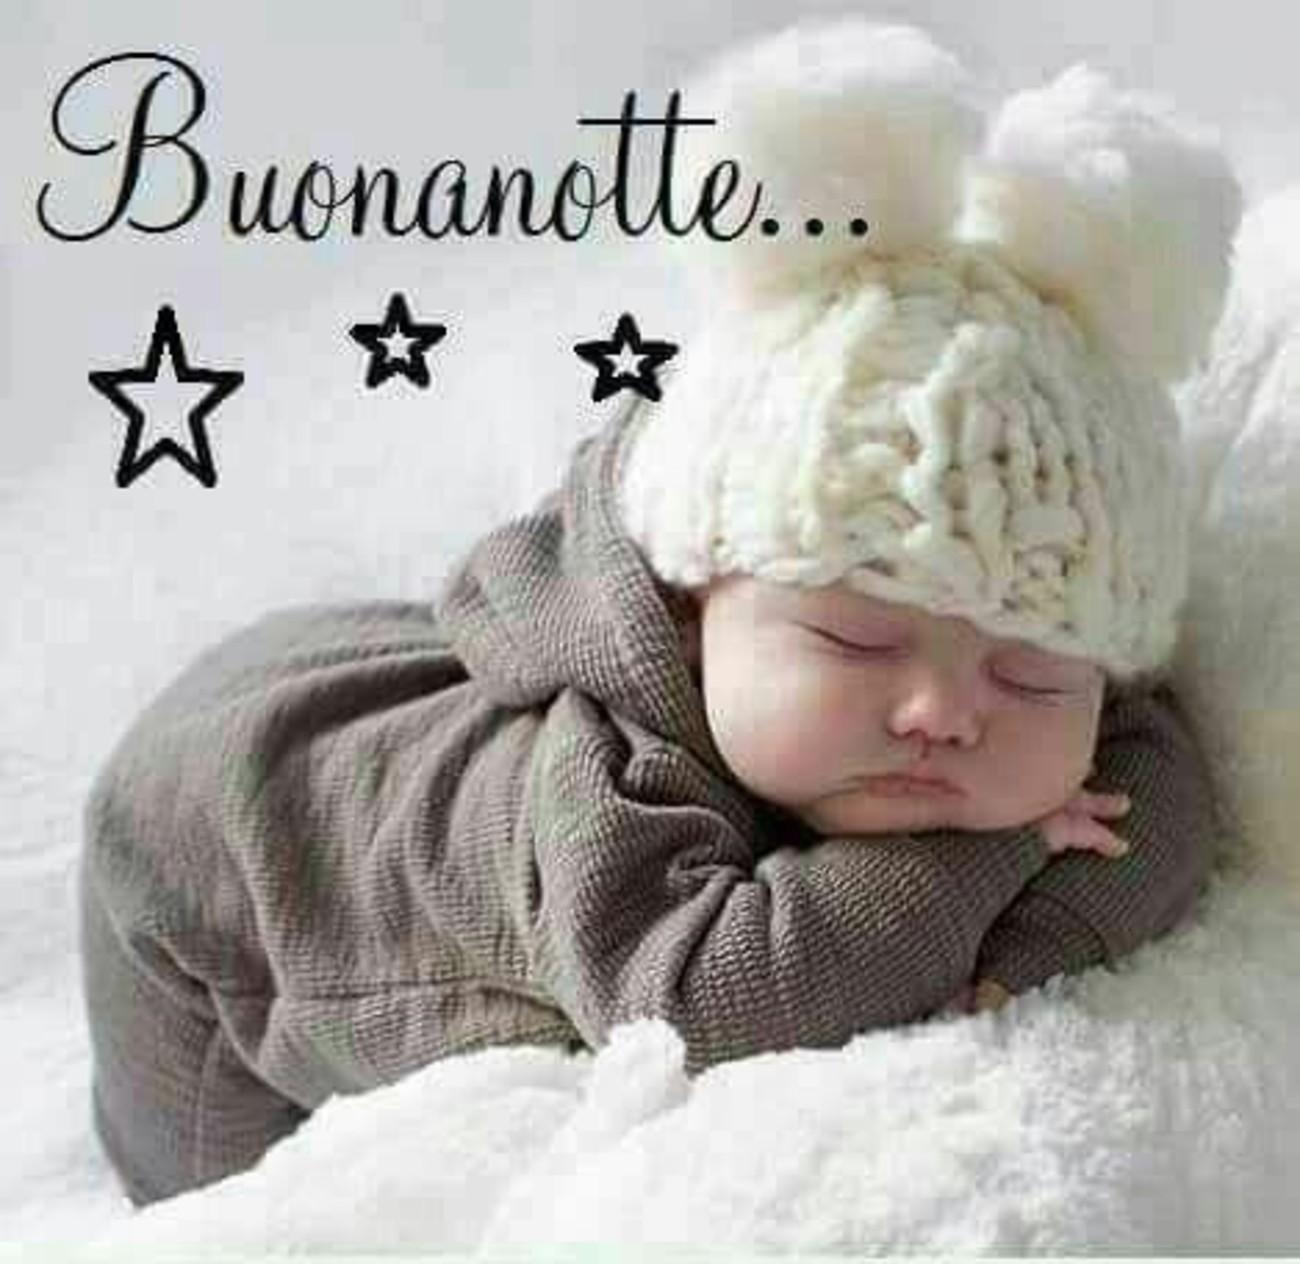 Buonanotte Con Bimbi 2 Buongiornoate It